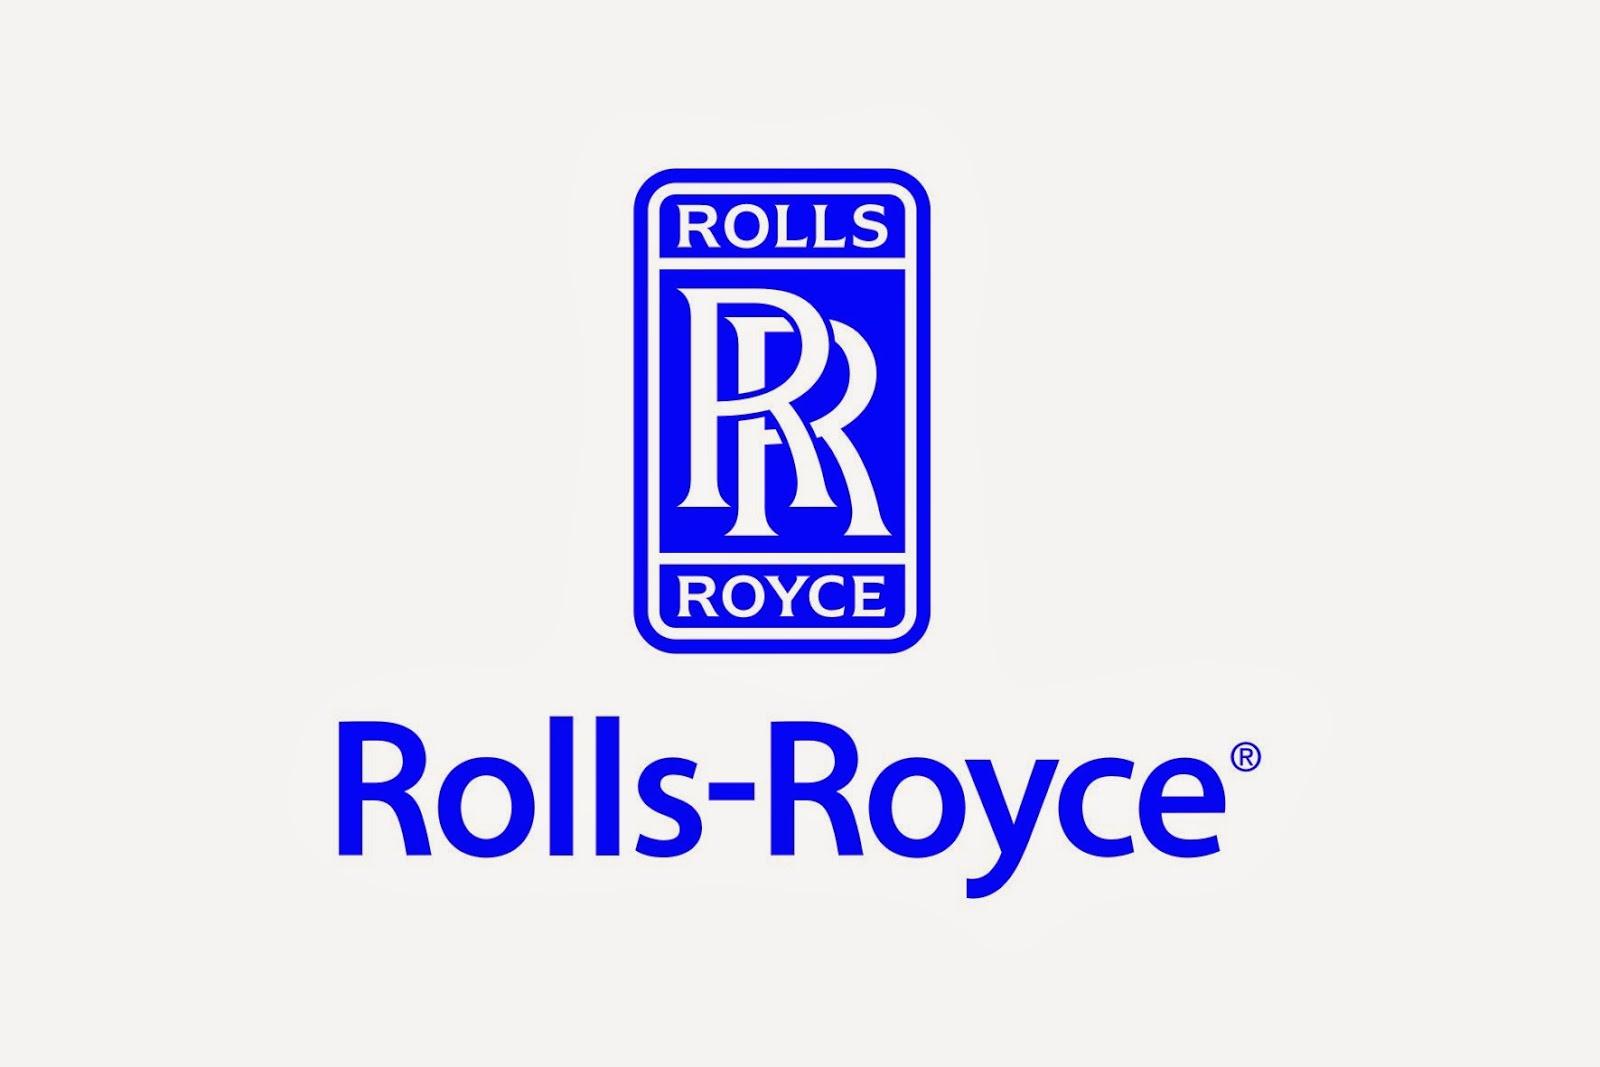 rolls royce logo logo share. Black Bedroom Furniture Sets. Home Design Ideas